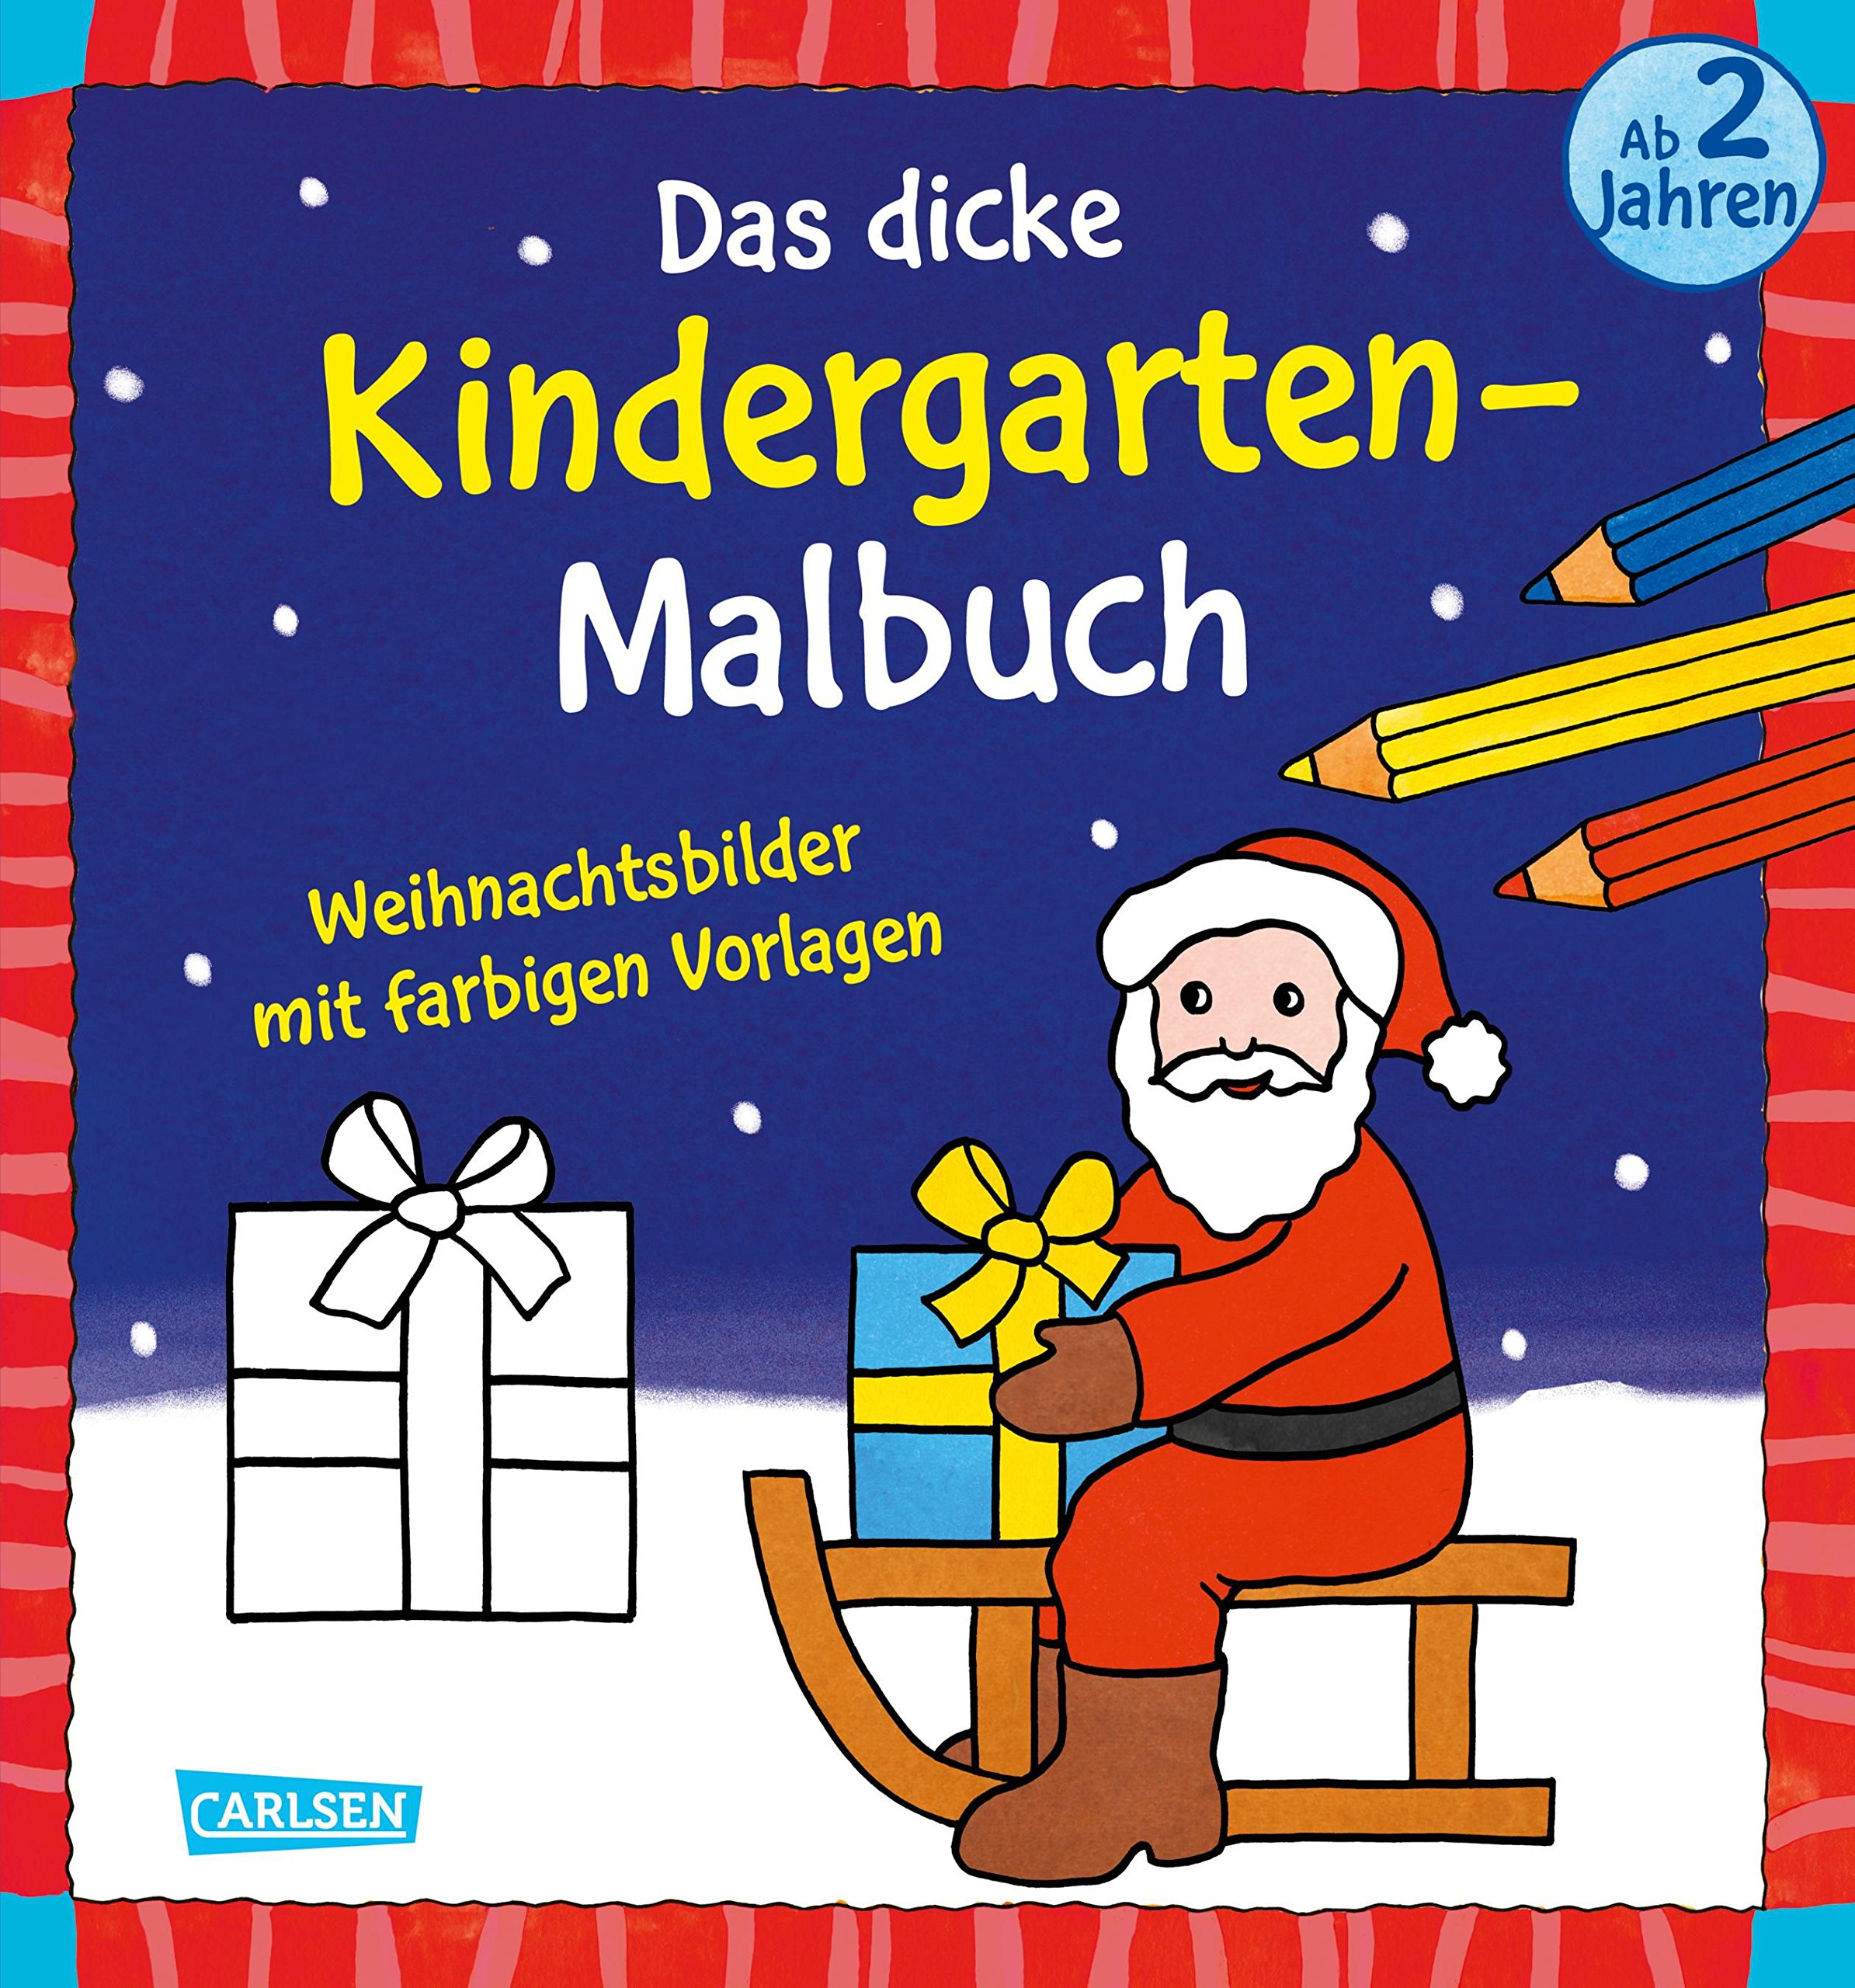 Weihnachtsbilder Vorlagen.Das Dicke Kindergarten Malbuch Weihnachtsbilder Mit Farbigen